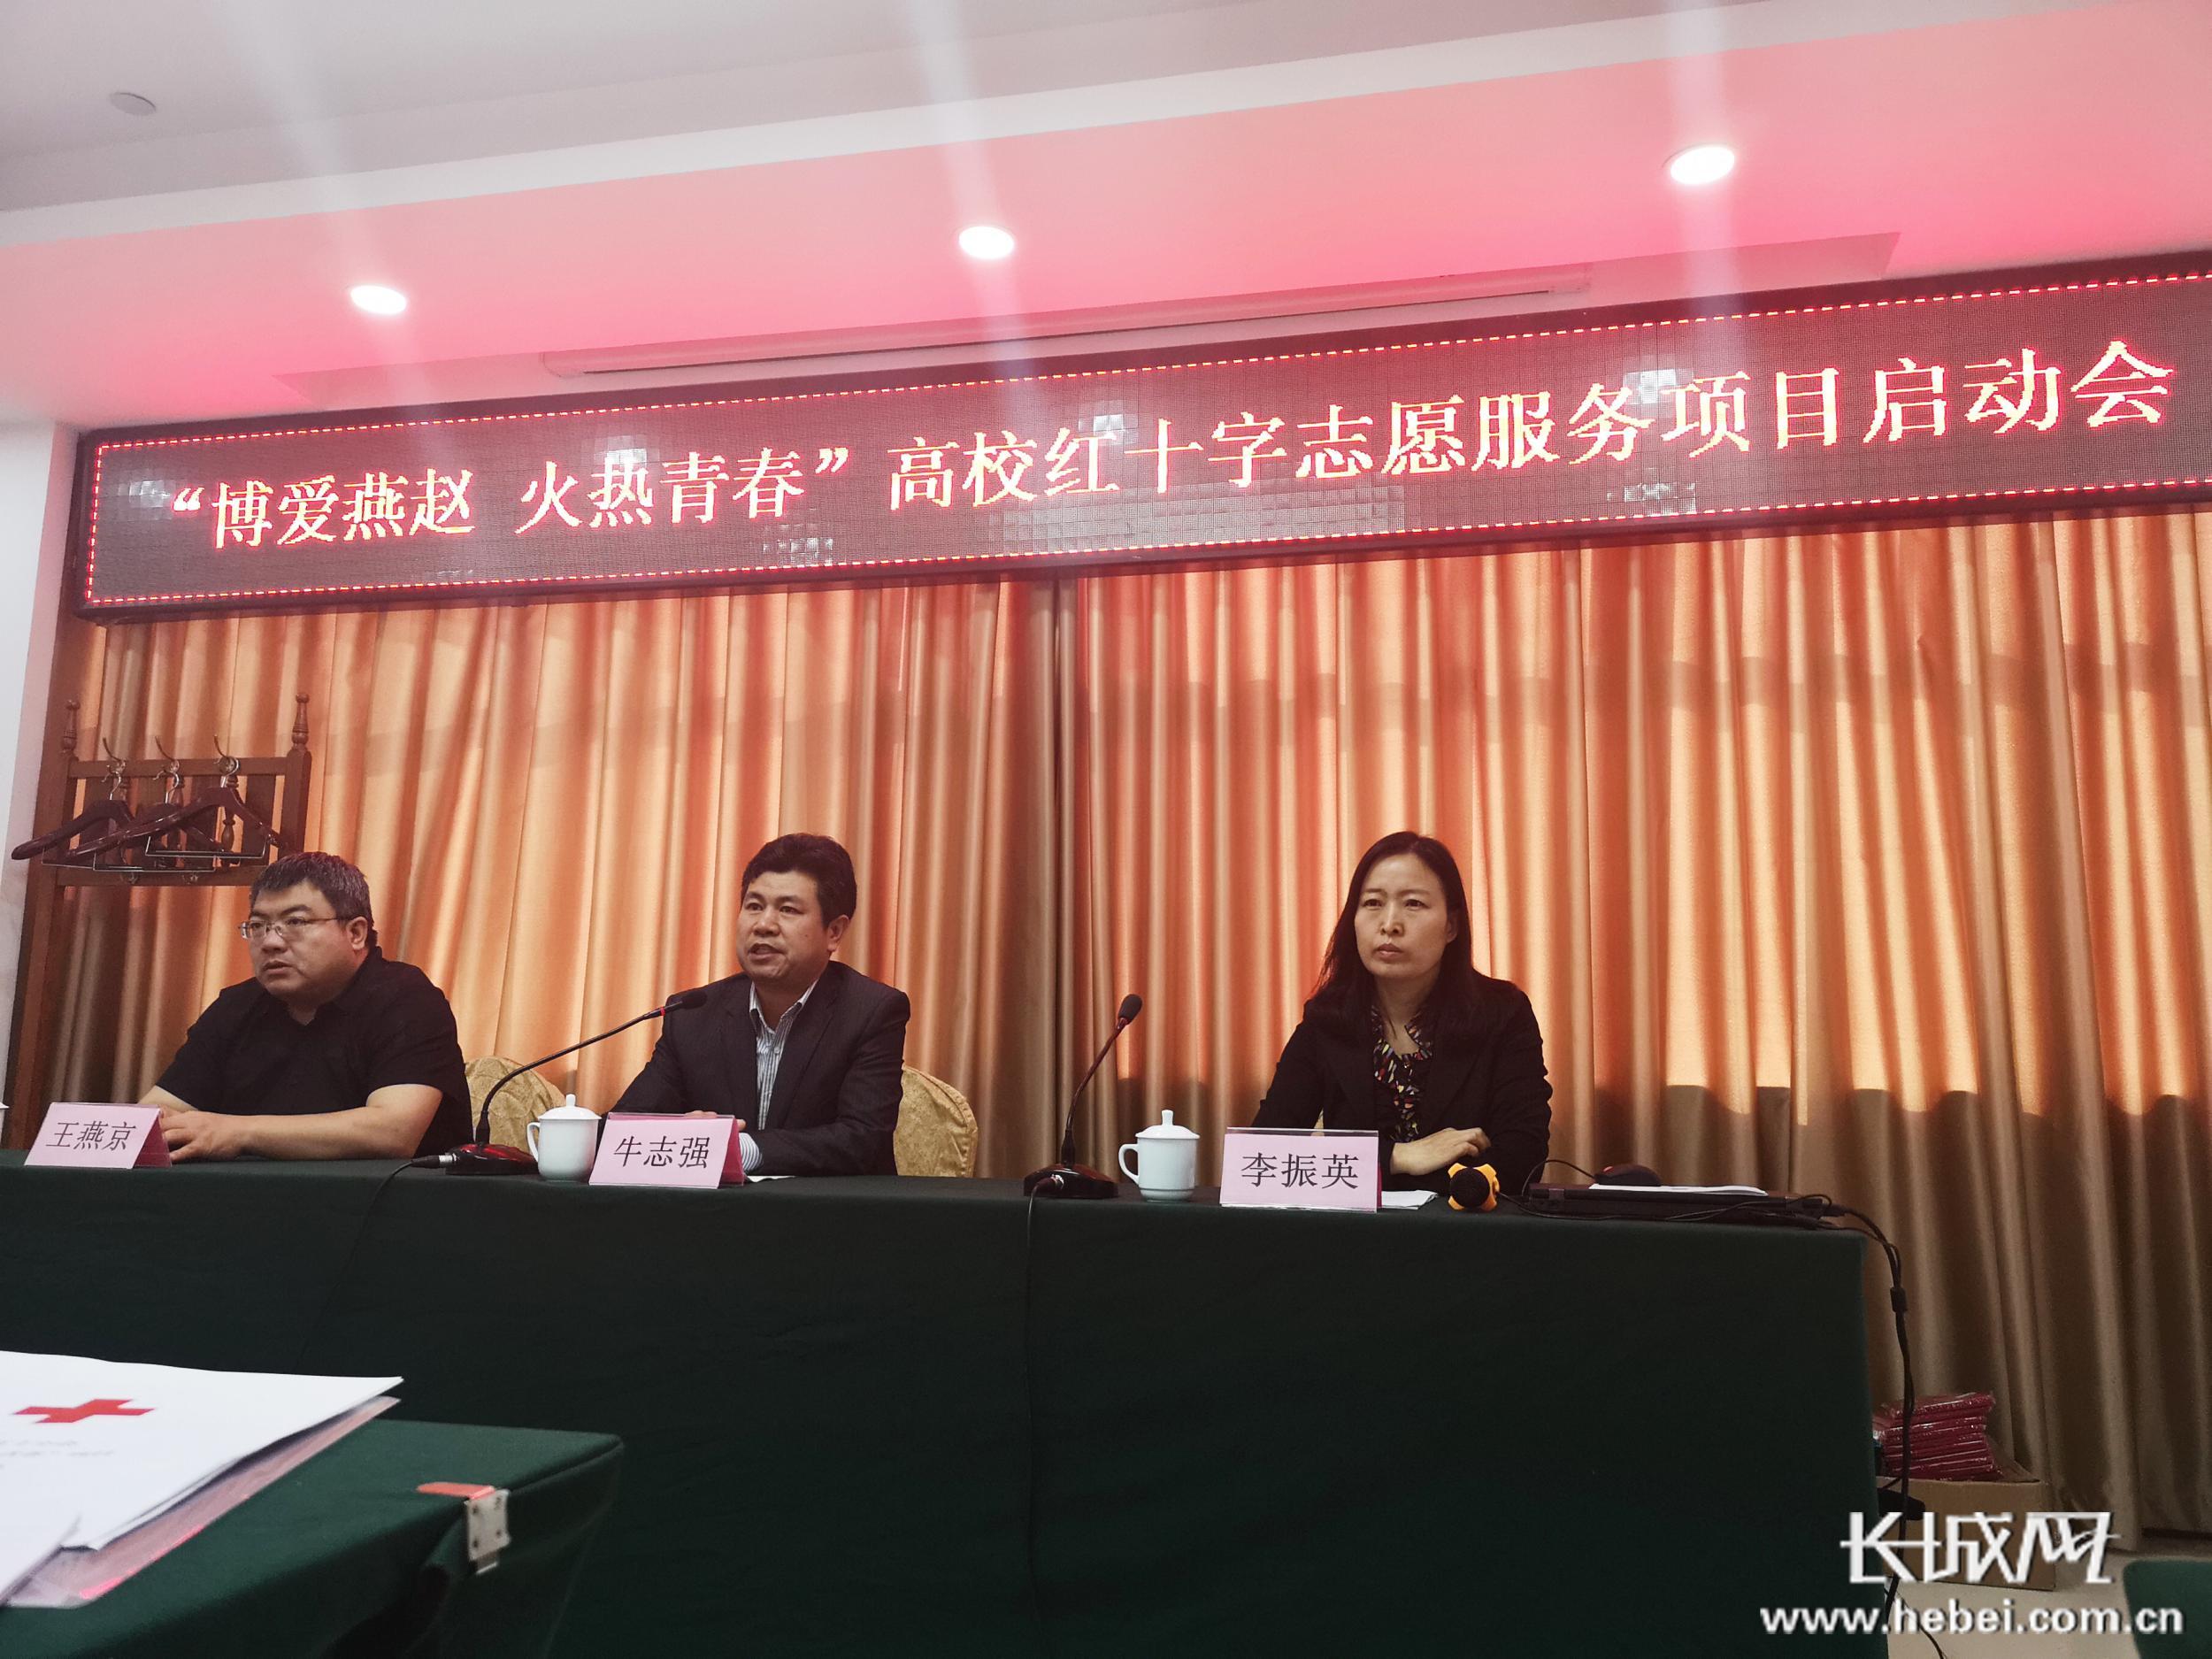 """""""博爱燕赵 火热青春"""" 高校红十字志愿服务项目在石家庄启动"""